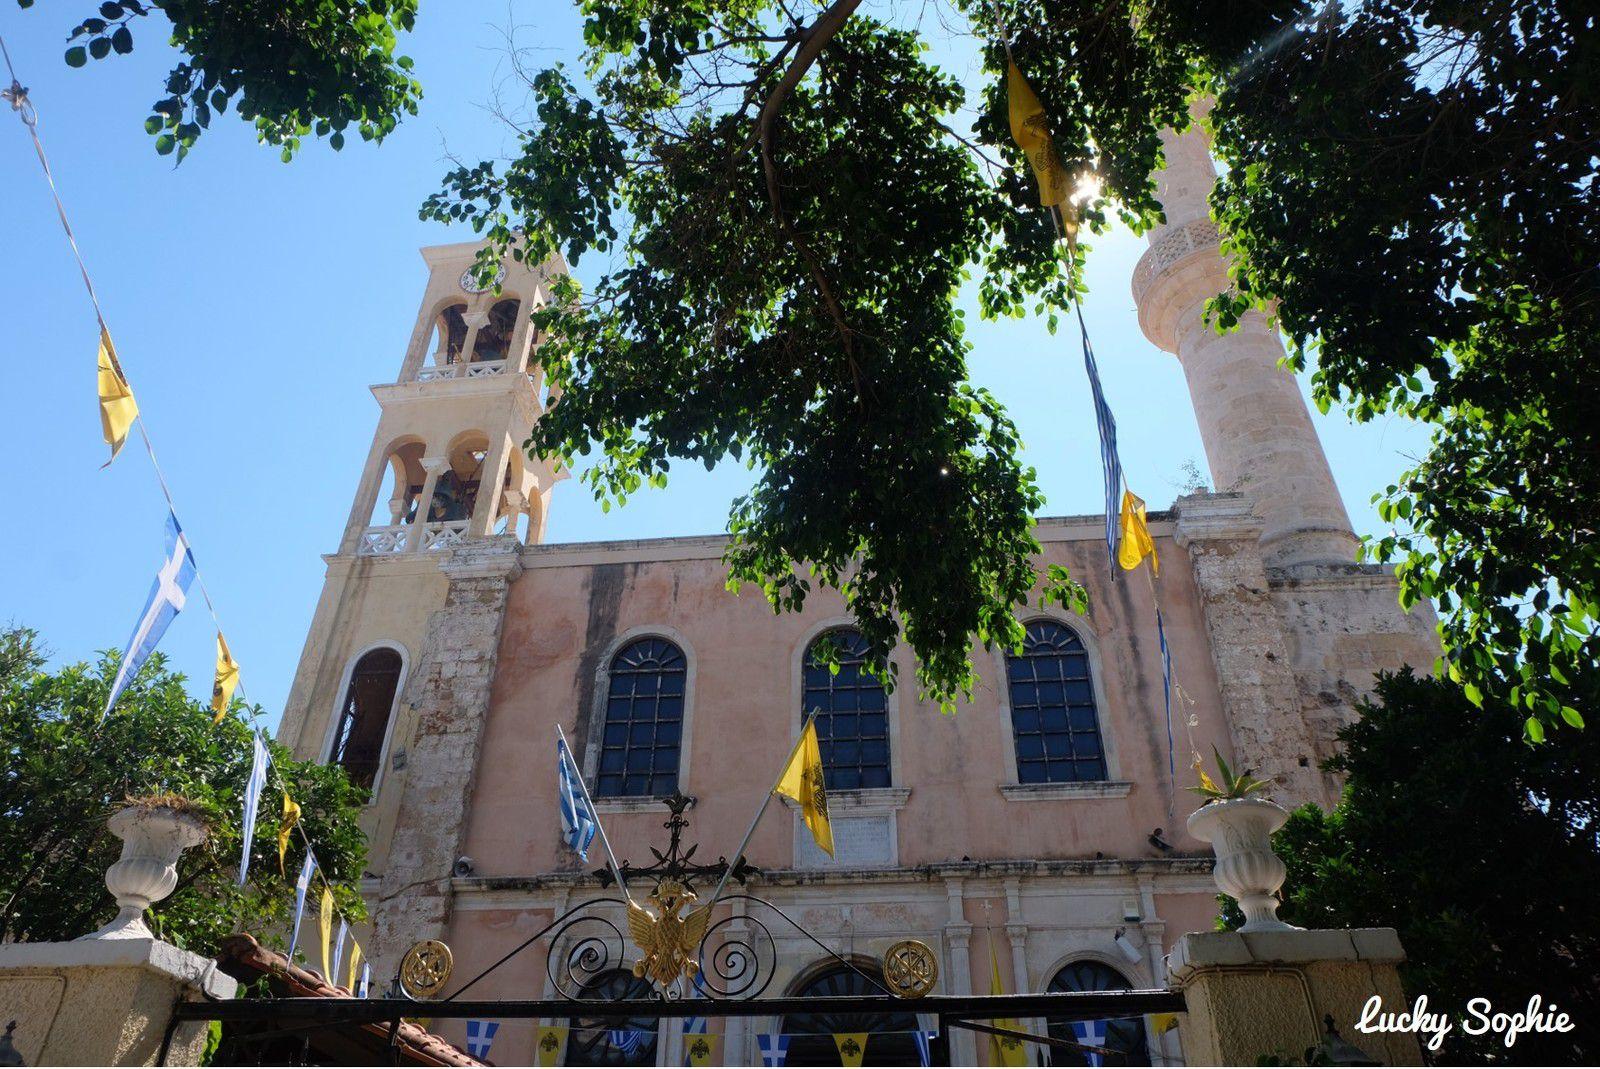 L'église Agios Nikolaos avec son clocher et son minaret raconte l'histoire de la ville. Bâtie au XIVe par les Vénitiens, elle est convertie en mosquée lorsque les Ottomans arrivent et construisent le minaret. Au début du 20e siècle, elle devient une église orthodoxe.